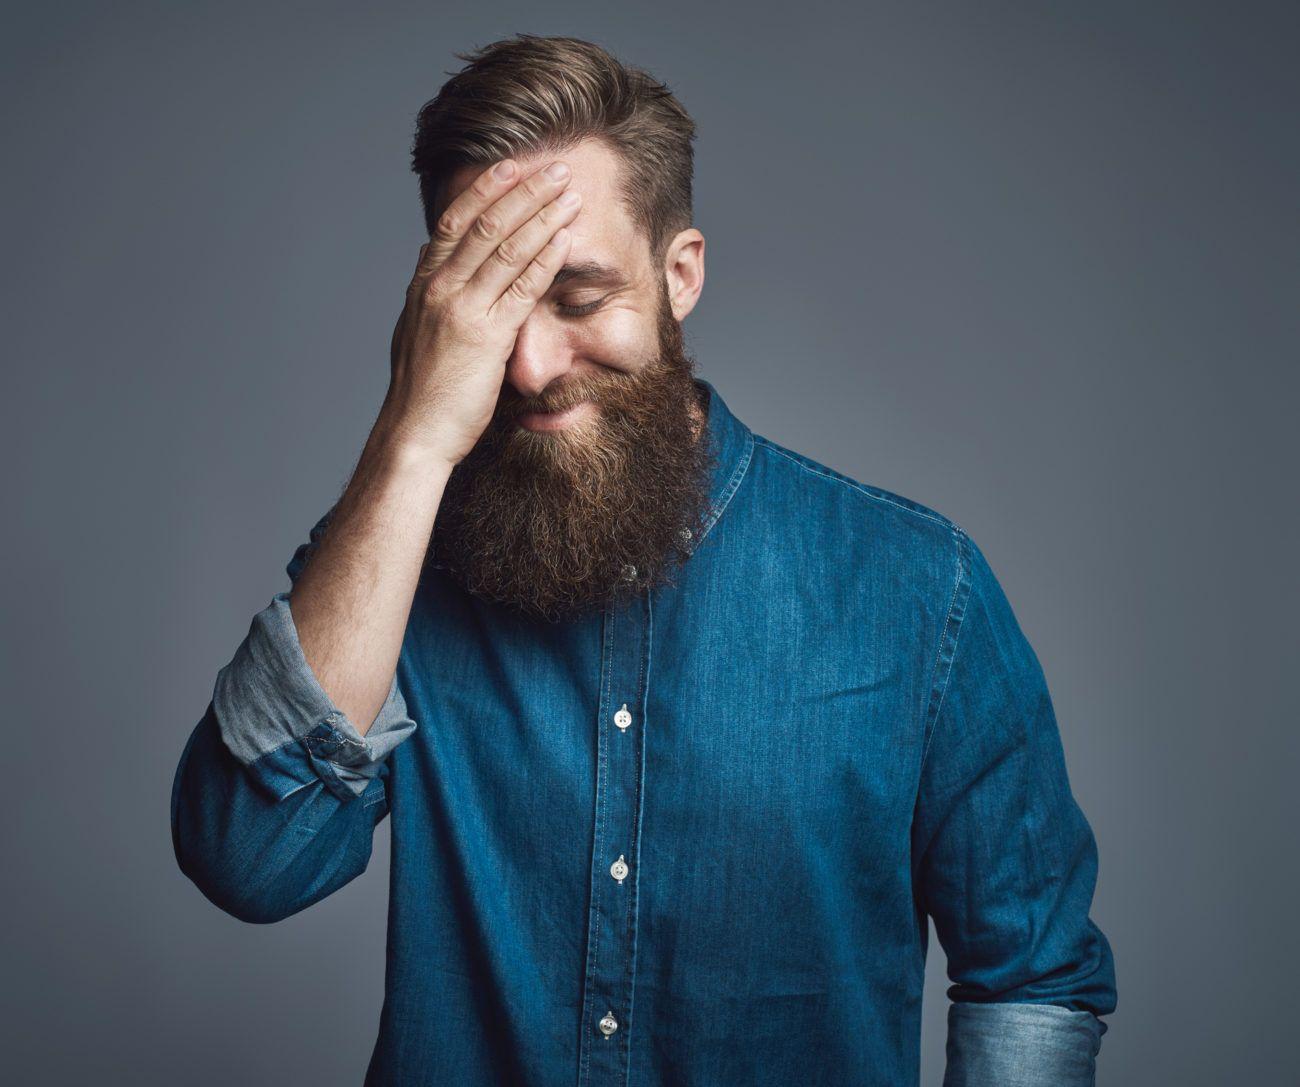 7 Signale beim schüchternen Mann: So weißt du, dass er auf